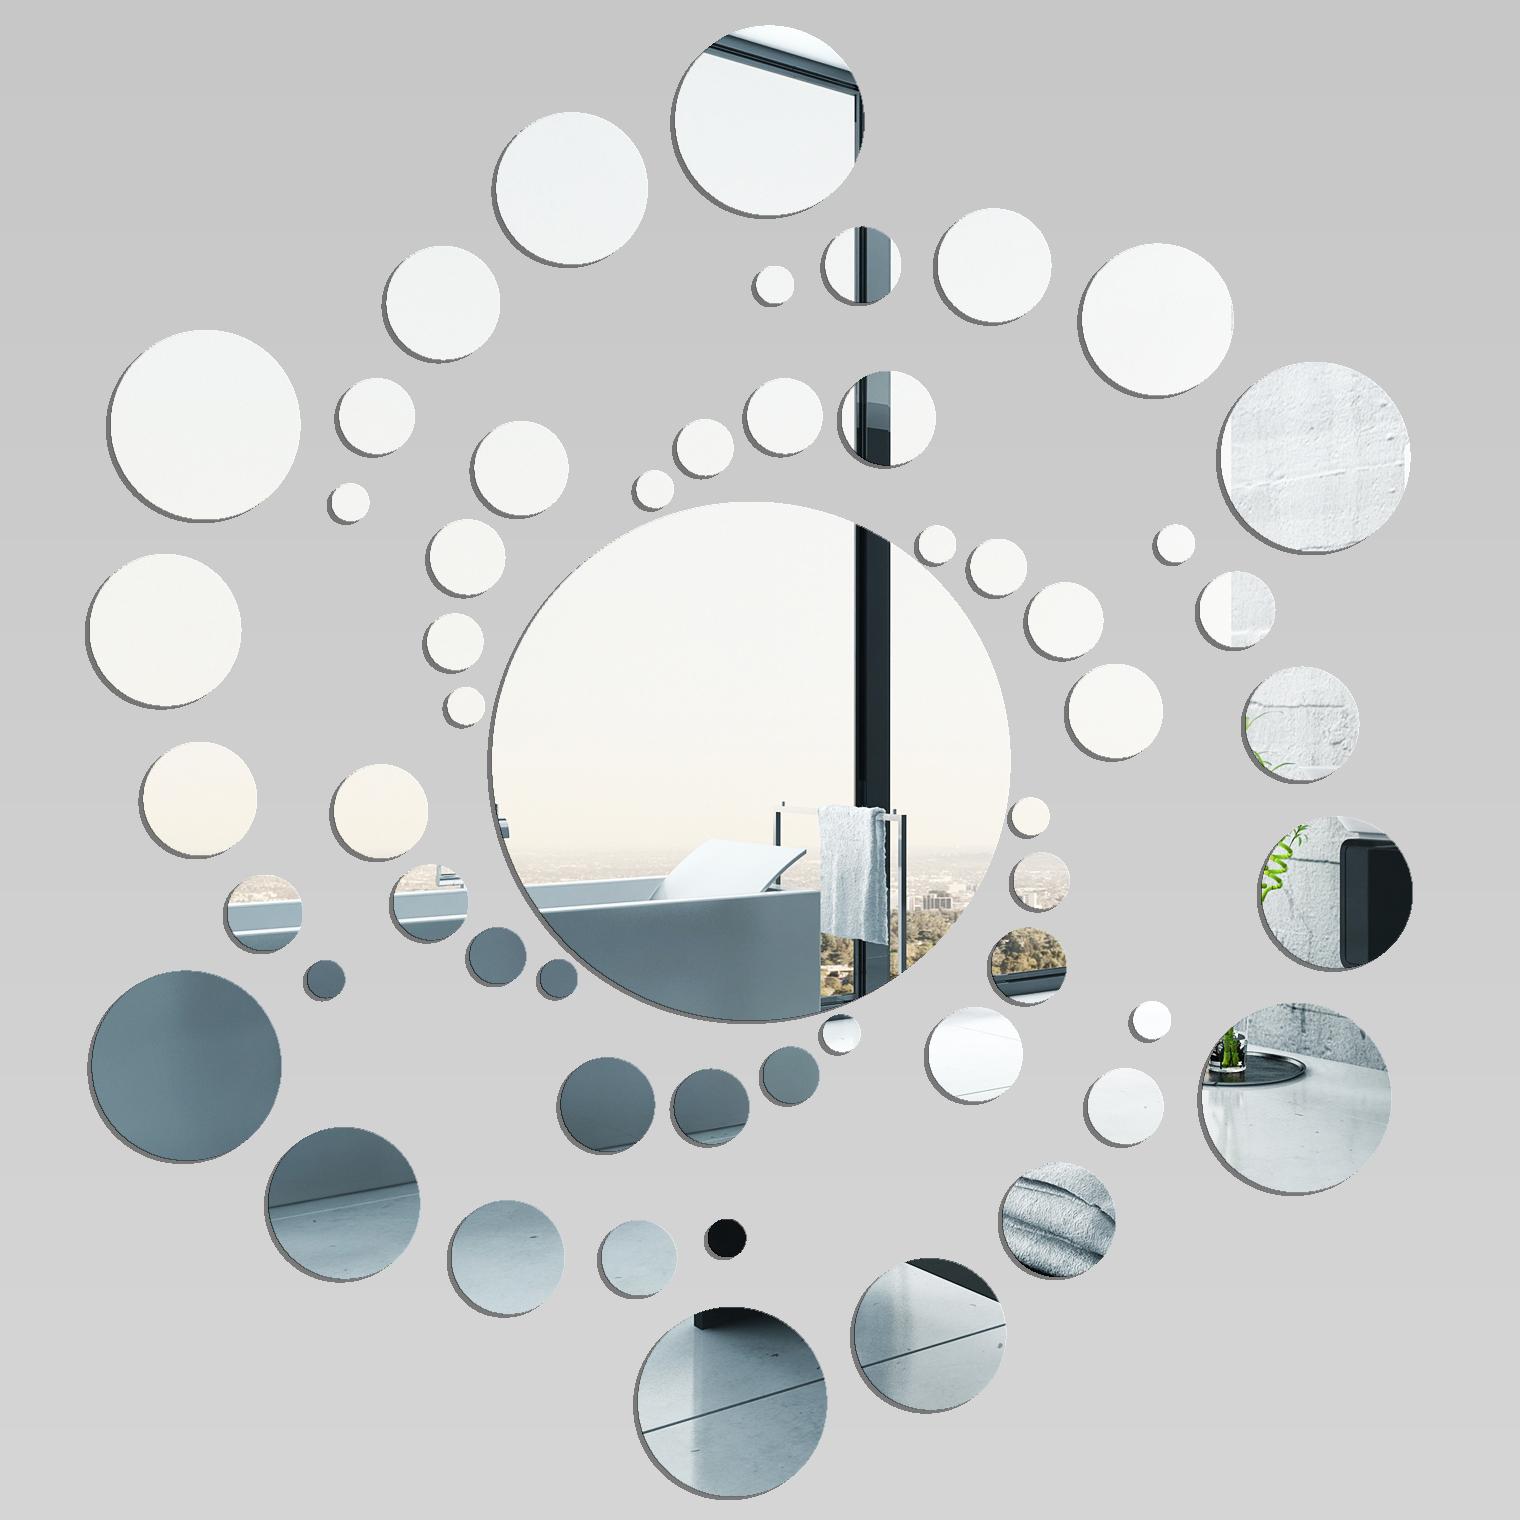 Vinilos folies espejos decorativo acr lico pl xiglas espiral for Espejos decorativos rectangulares